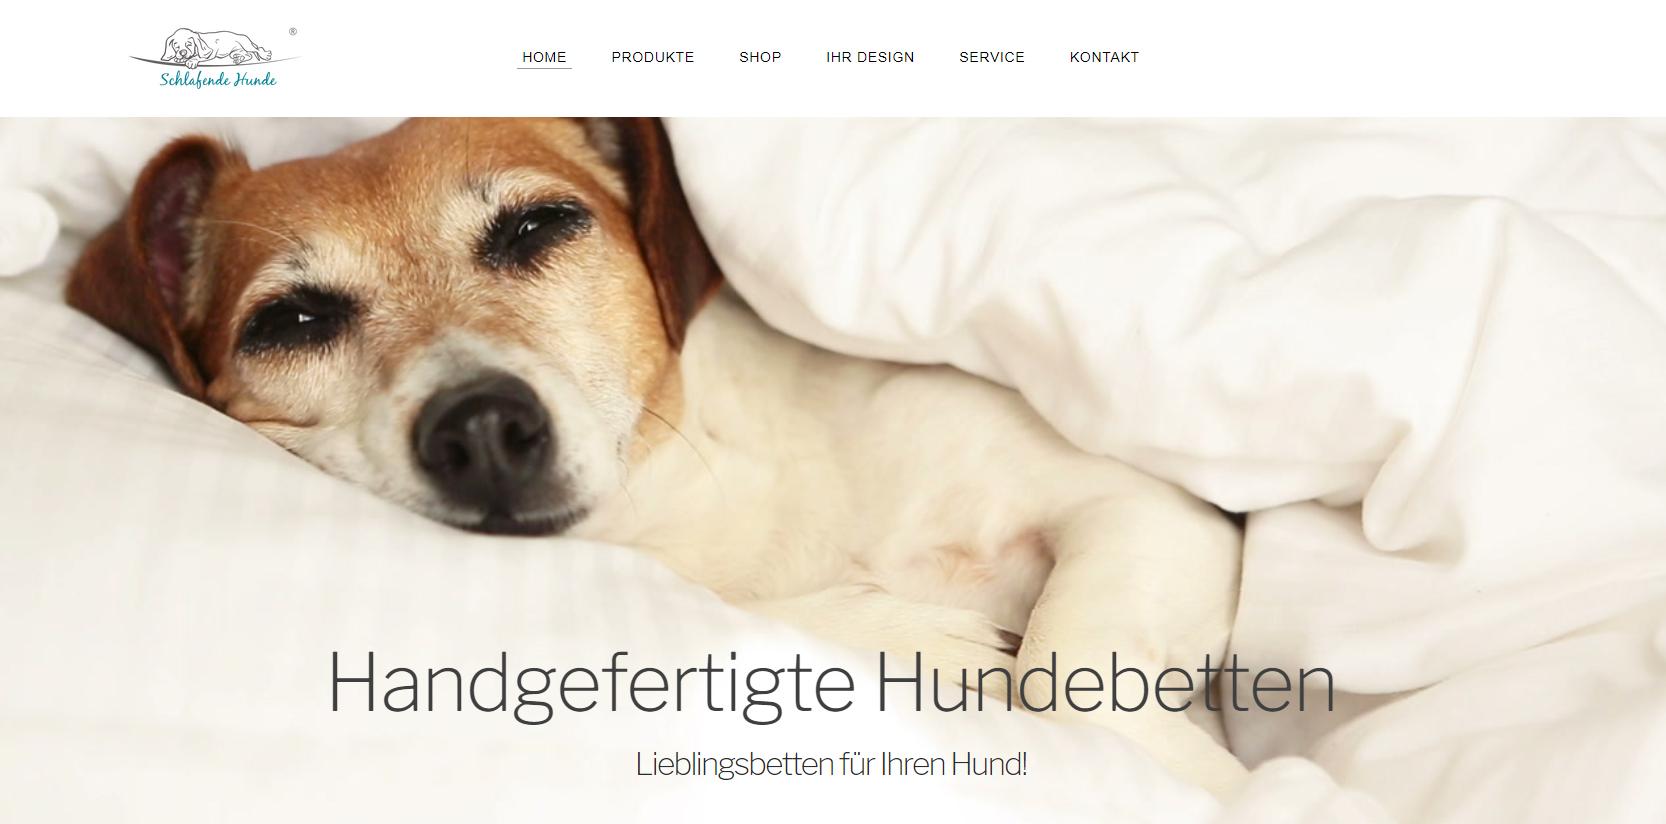 Website Schlafende Hunde Hundebetten